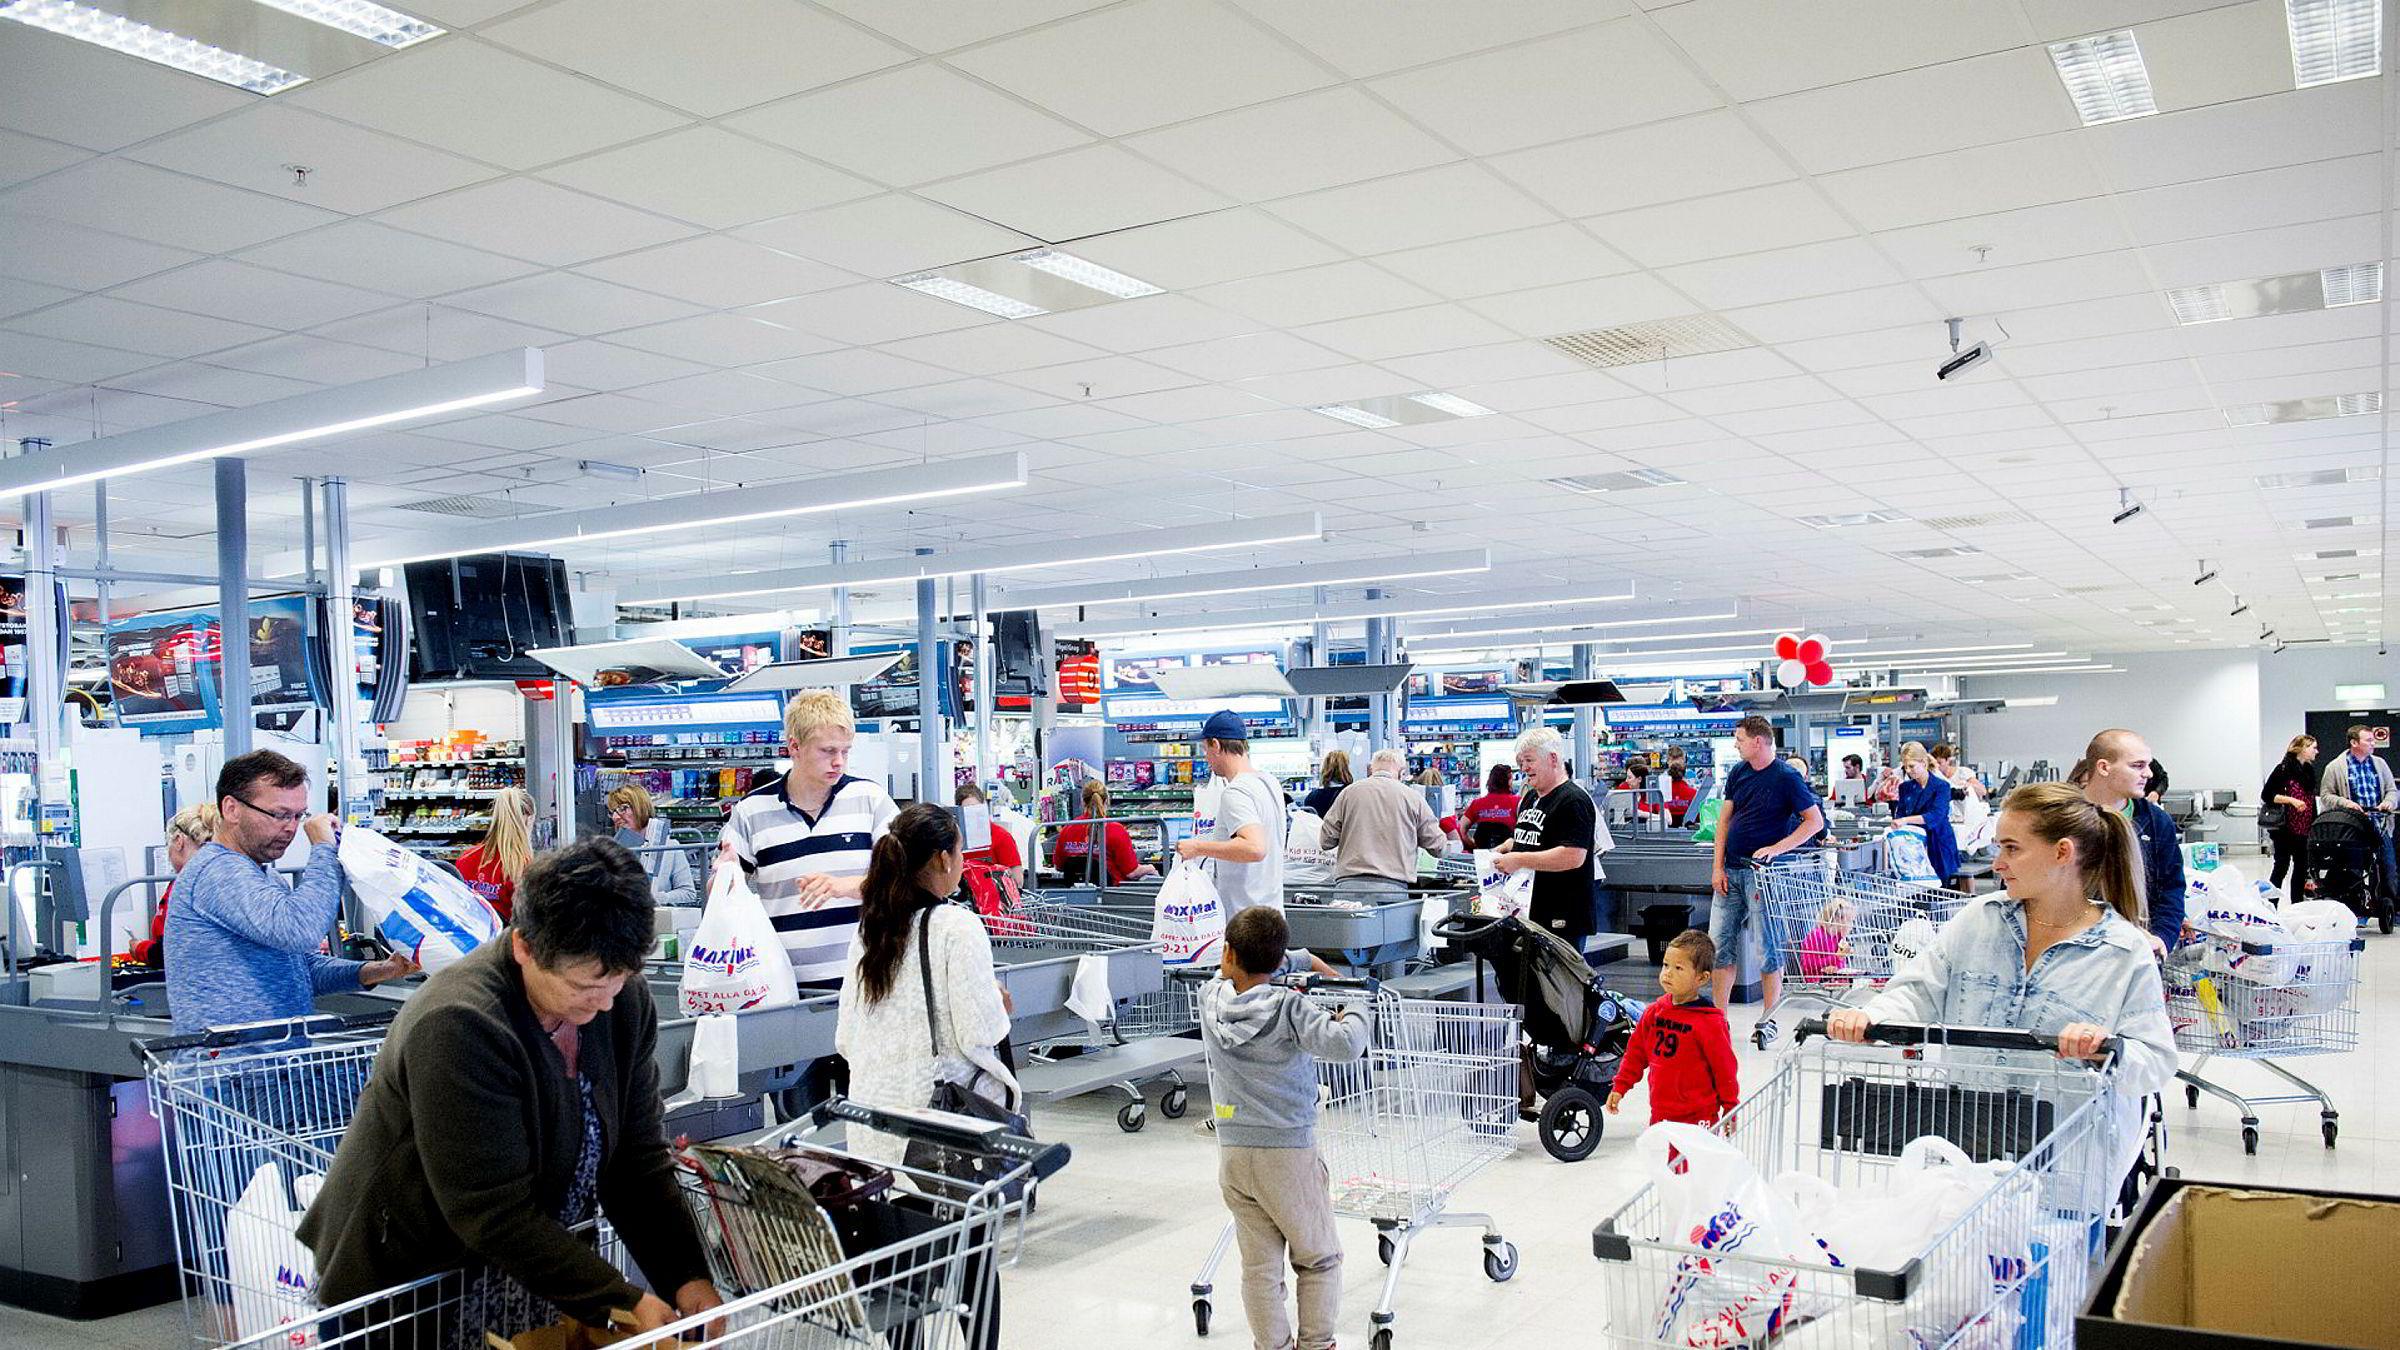 Vi forbrukere synes matvarene her i landet er dyre og at utvalget er for dårlig. Derfor tar vi svippturer til Sverige, hvor selv den norske Jarlsberg-osten er en femtilapp billigere, skriver artikkelforfatteren. Her fra Nordby Shoppingcenter ved Svinesund.